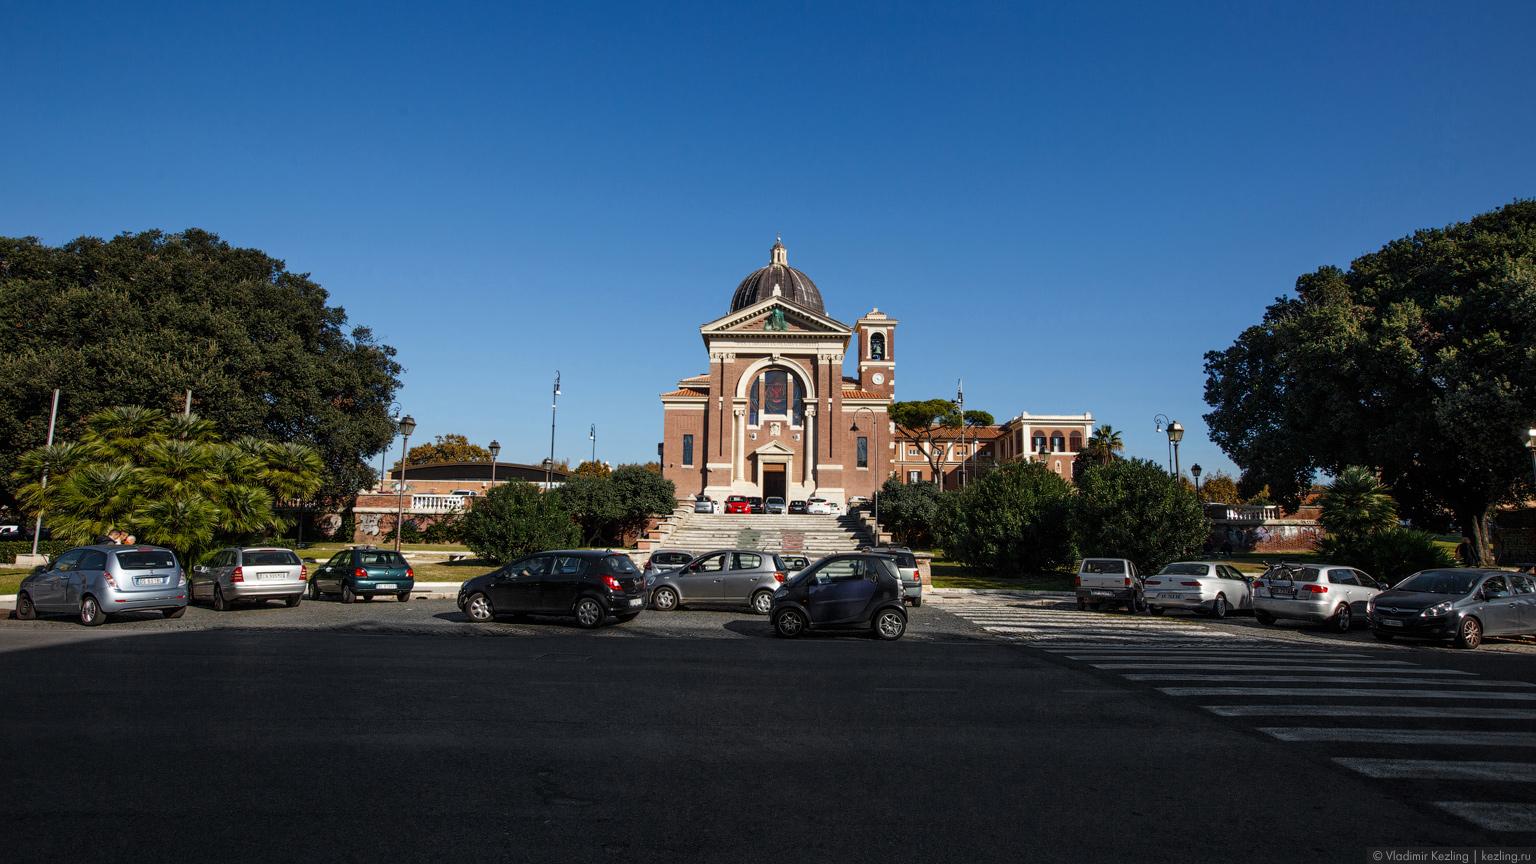 Лидо-ди-Остия